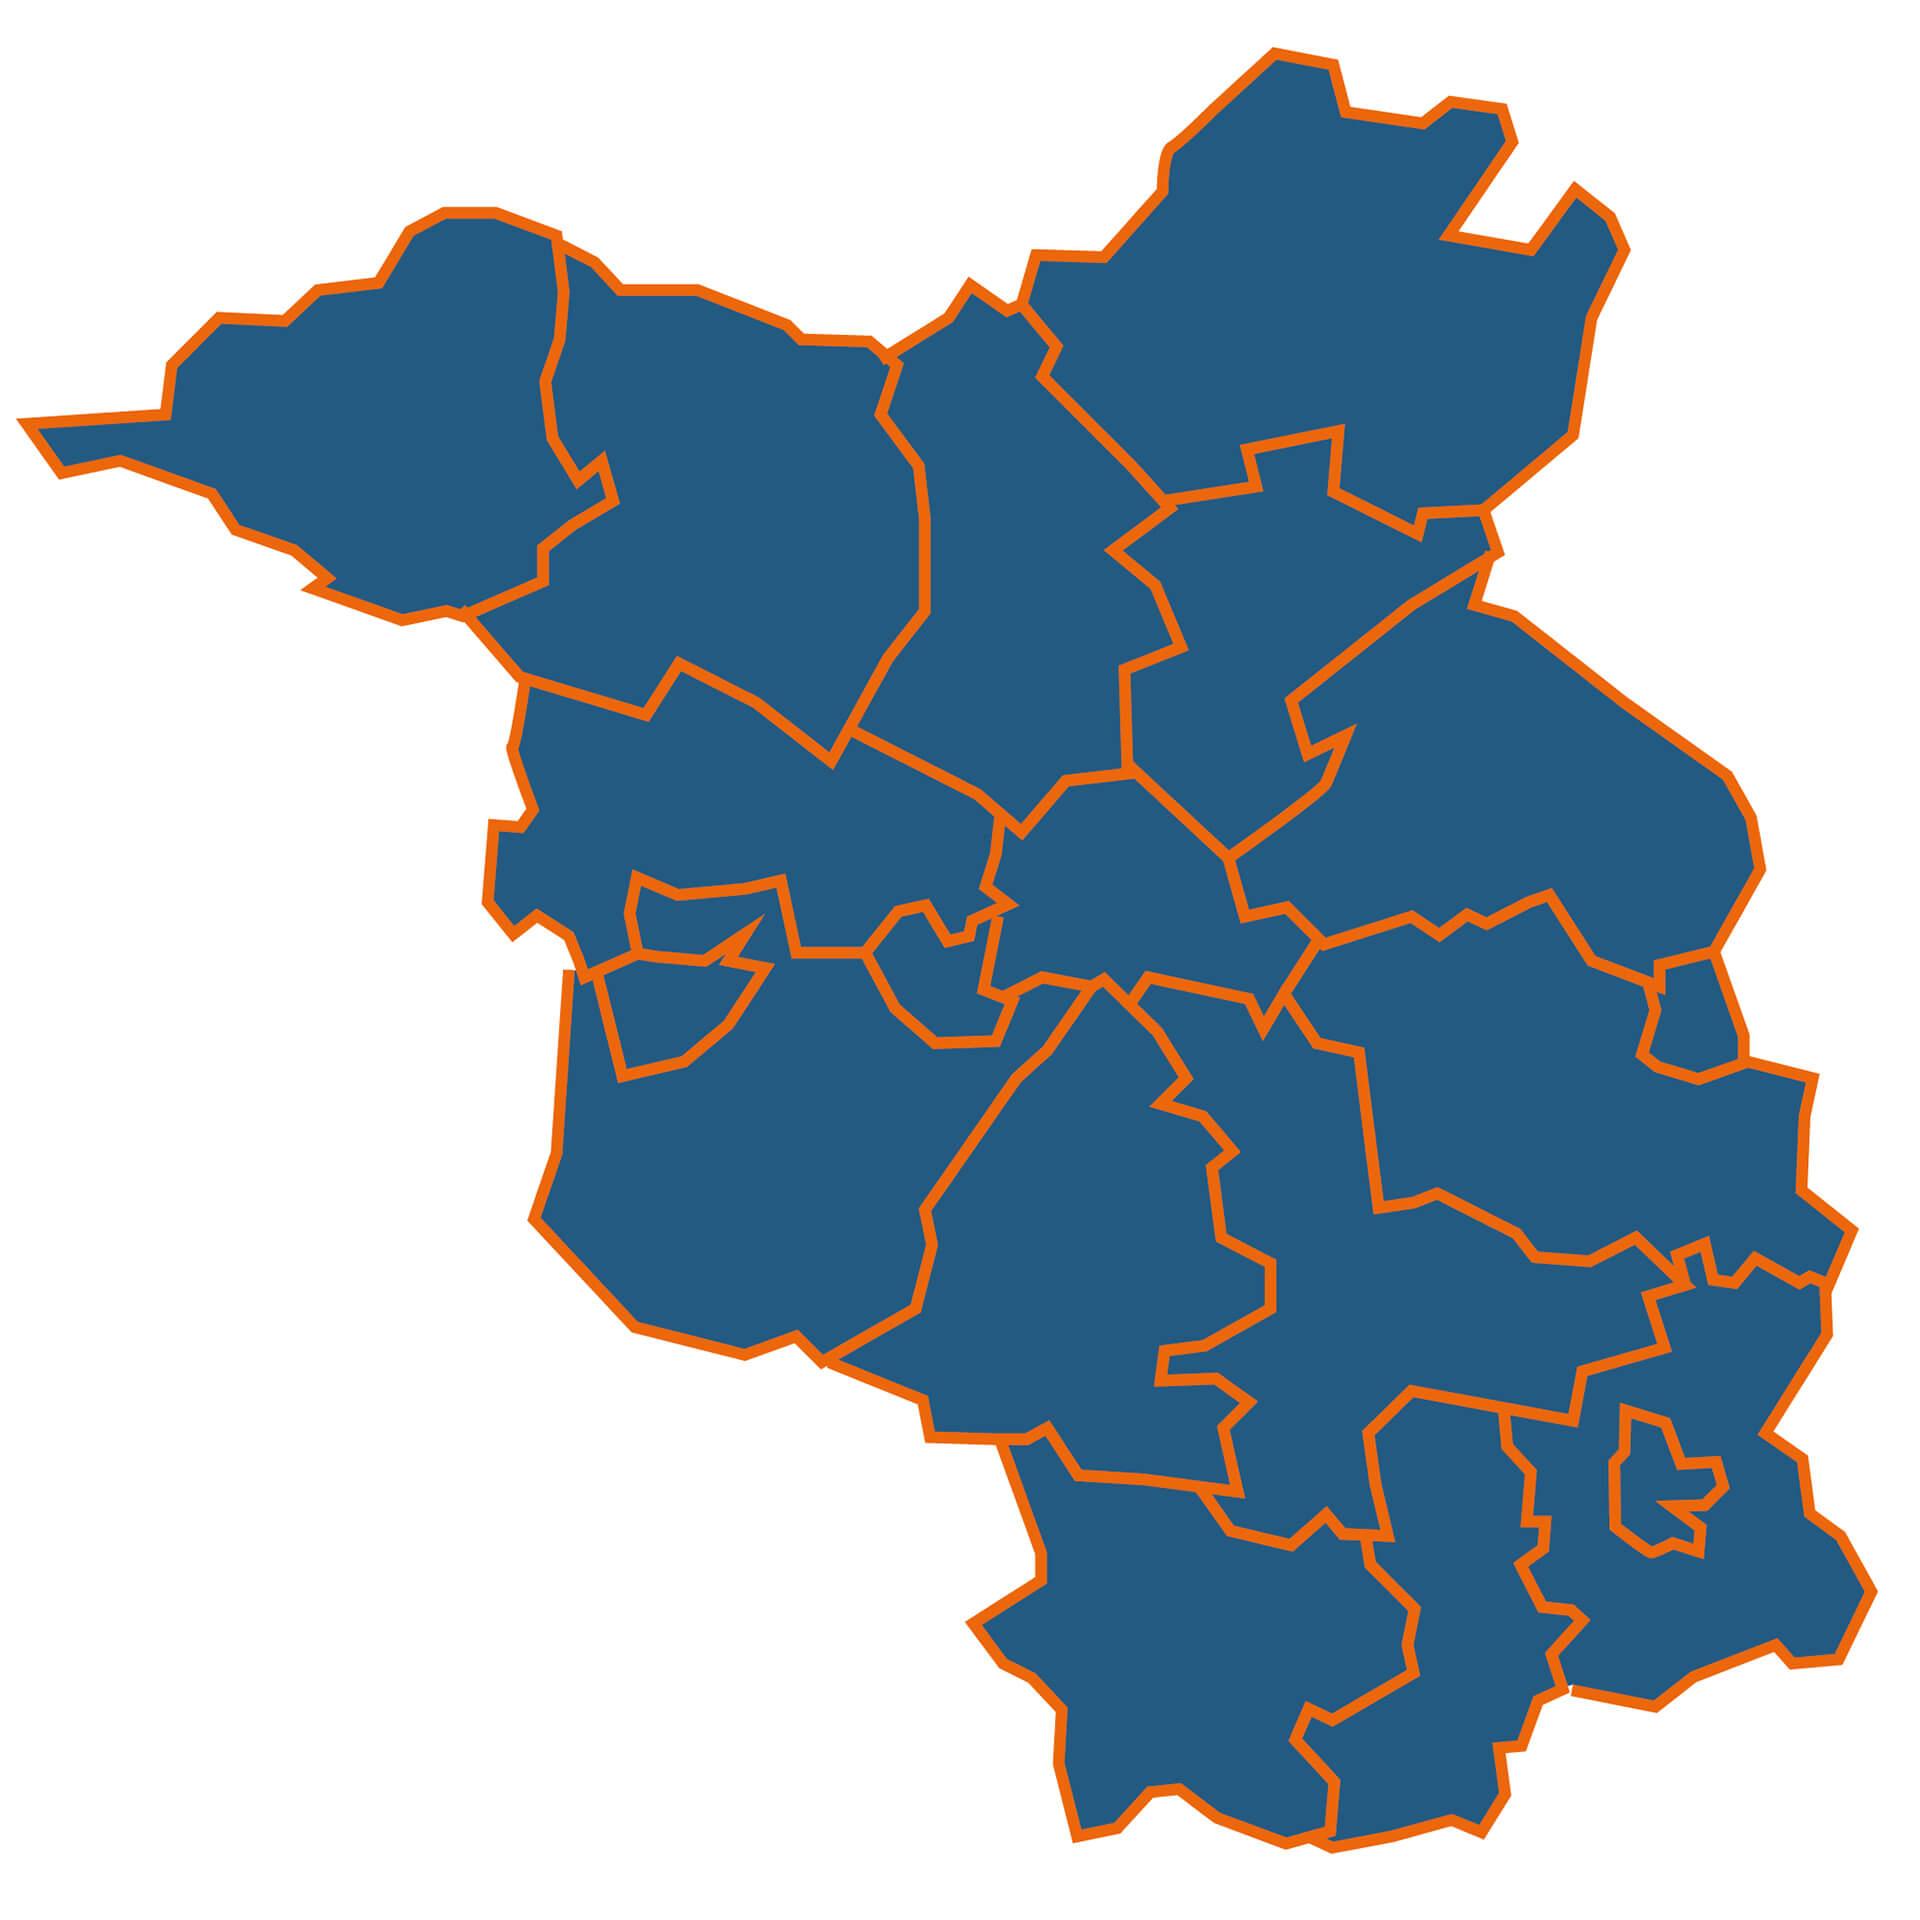 Brandenburgkarte